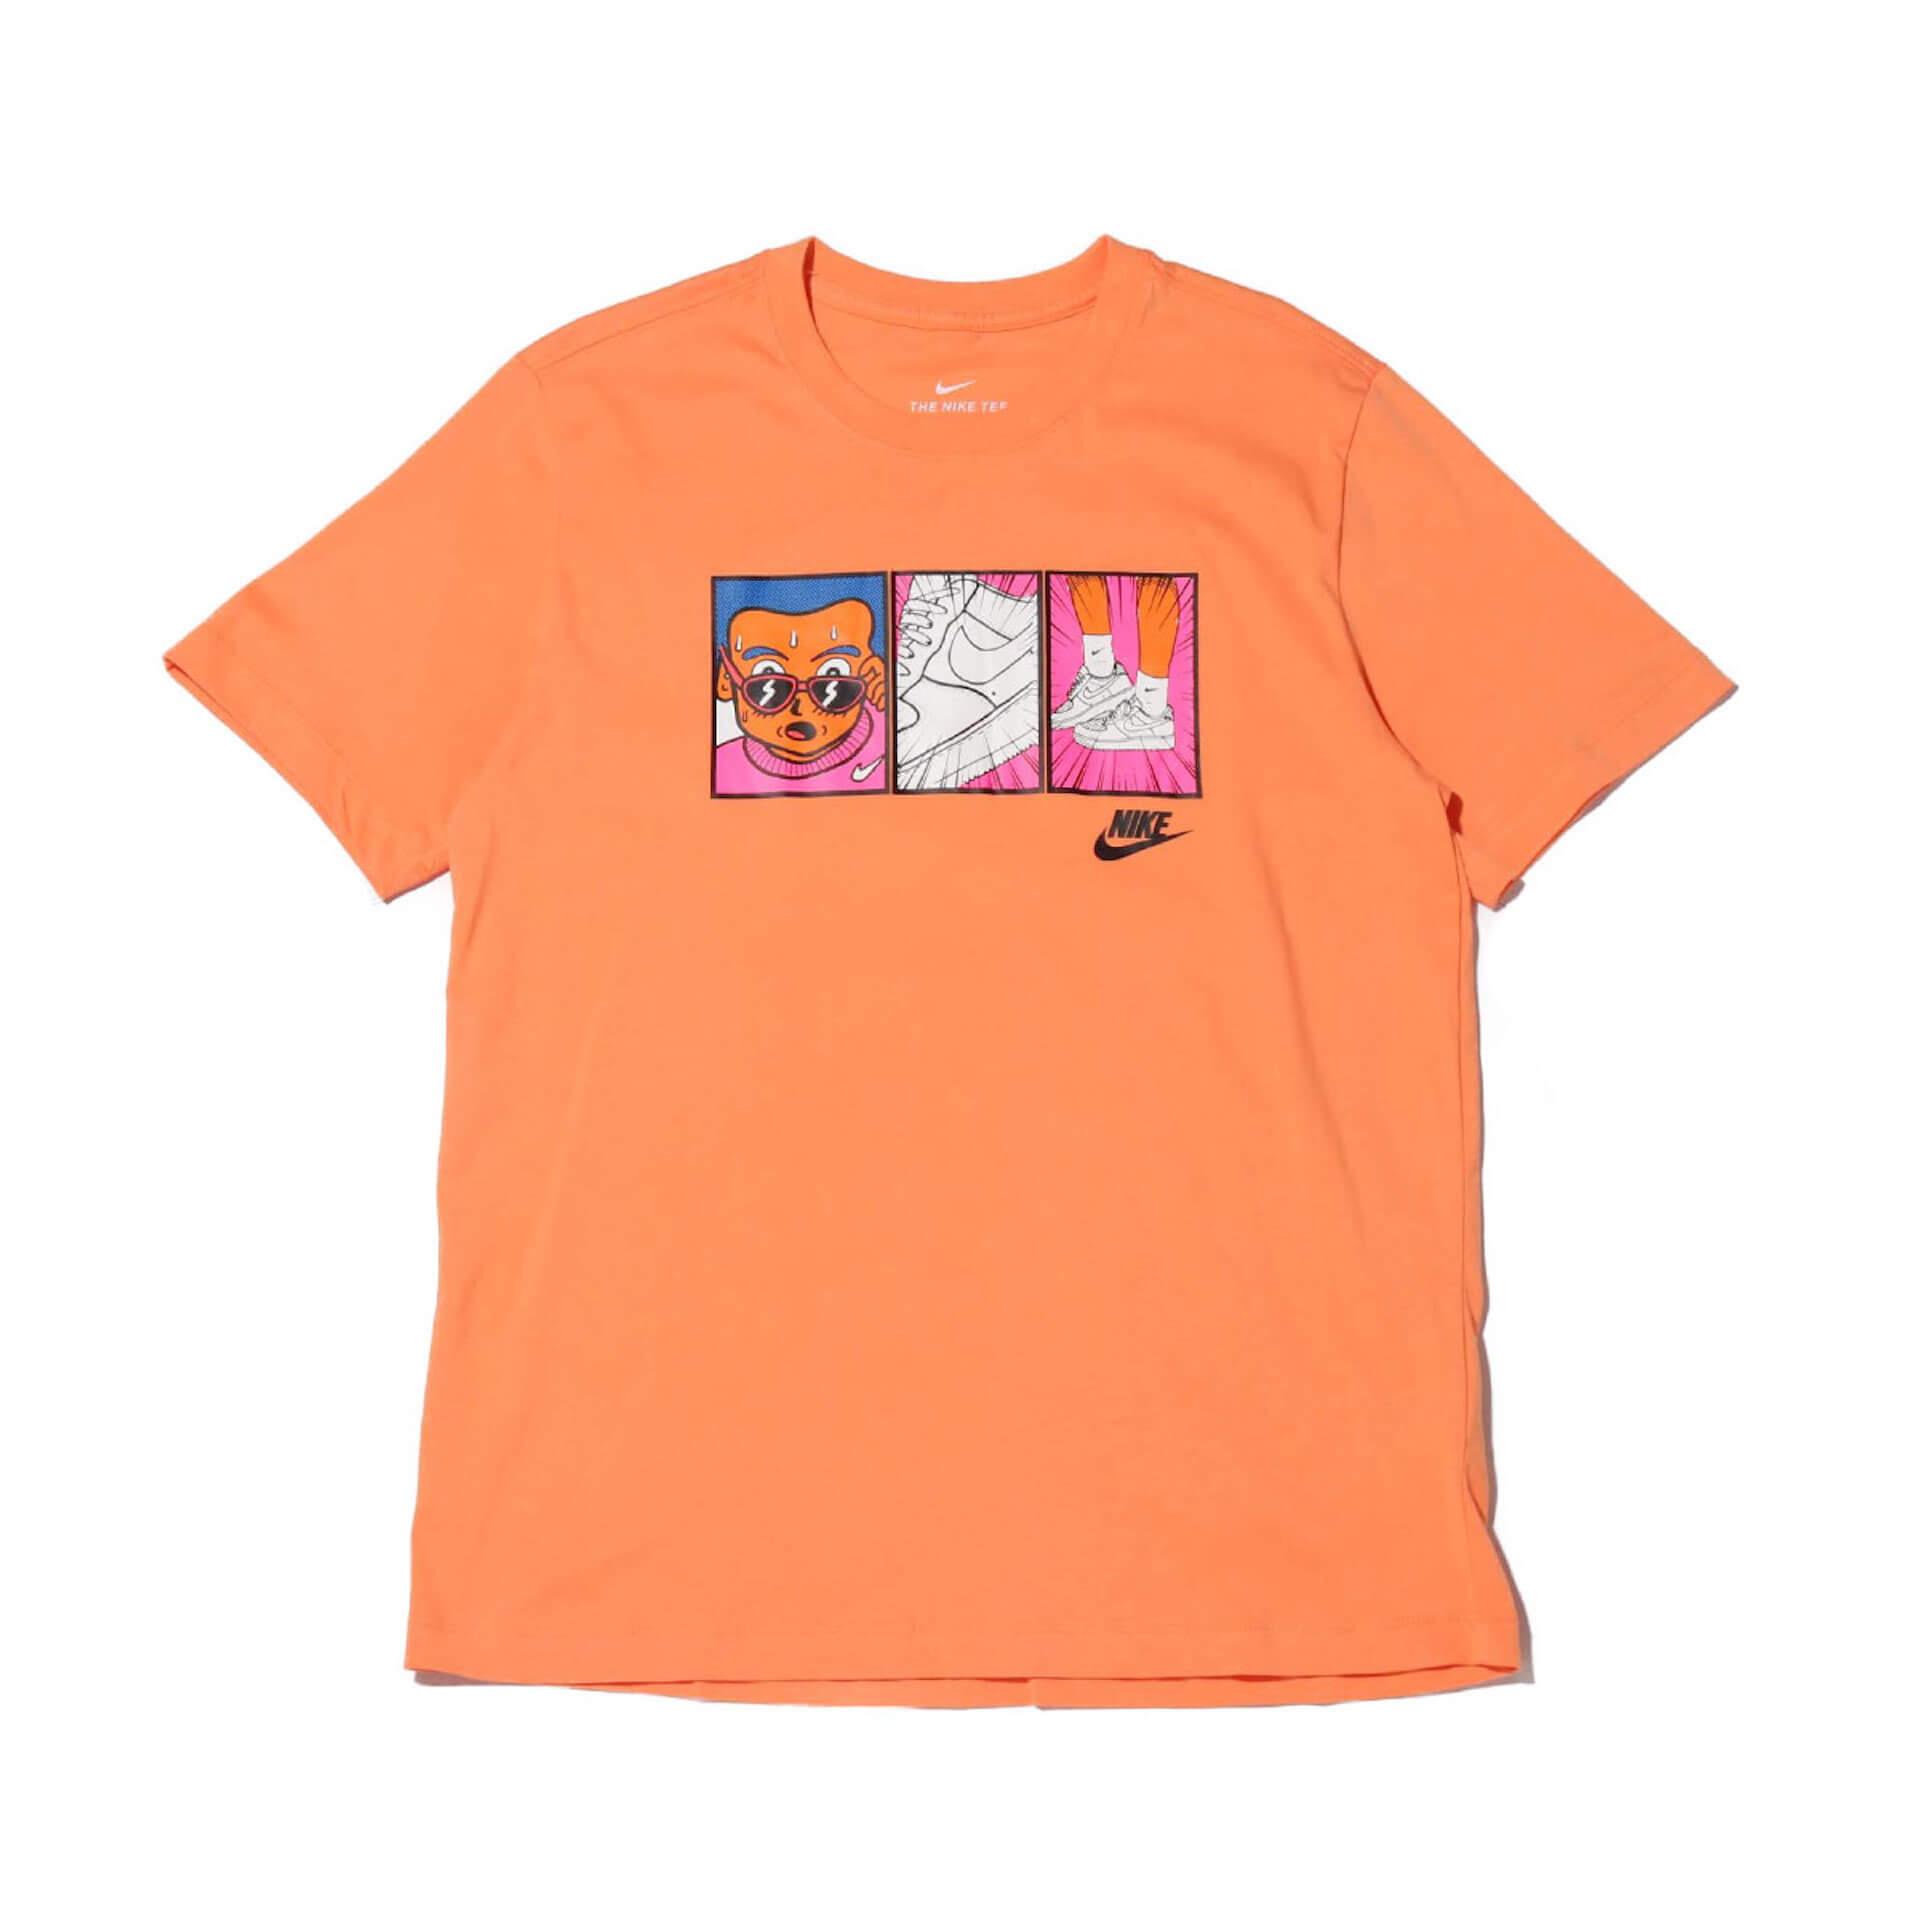 漫画の1コマのようなプリントが施された「NIKE MANGA T-SHIRT COLLECTION」がatmosにて先行販売決定 lf200408_nikemangatee_10